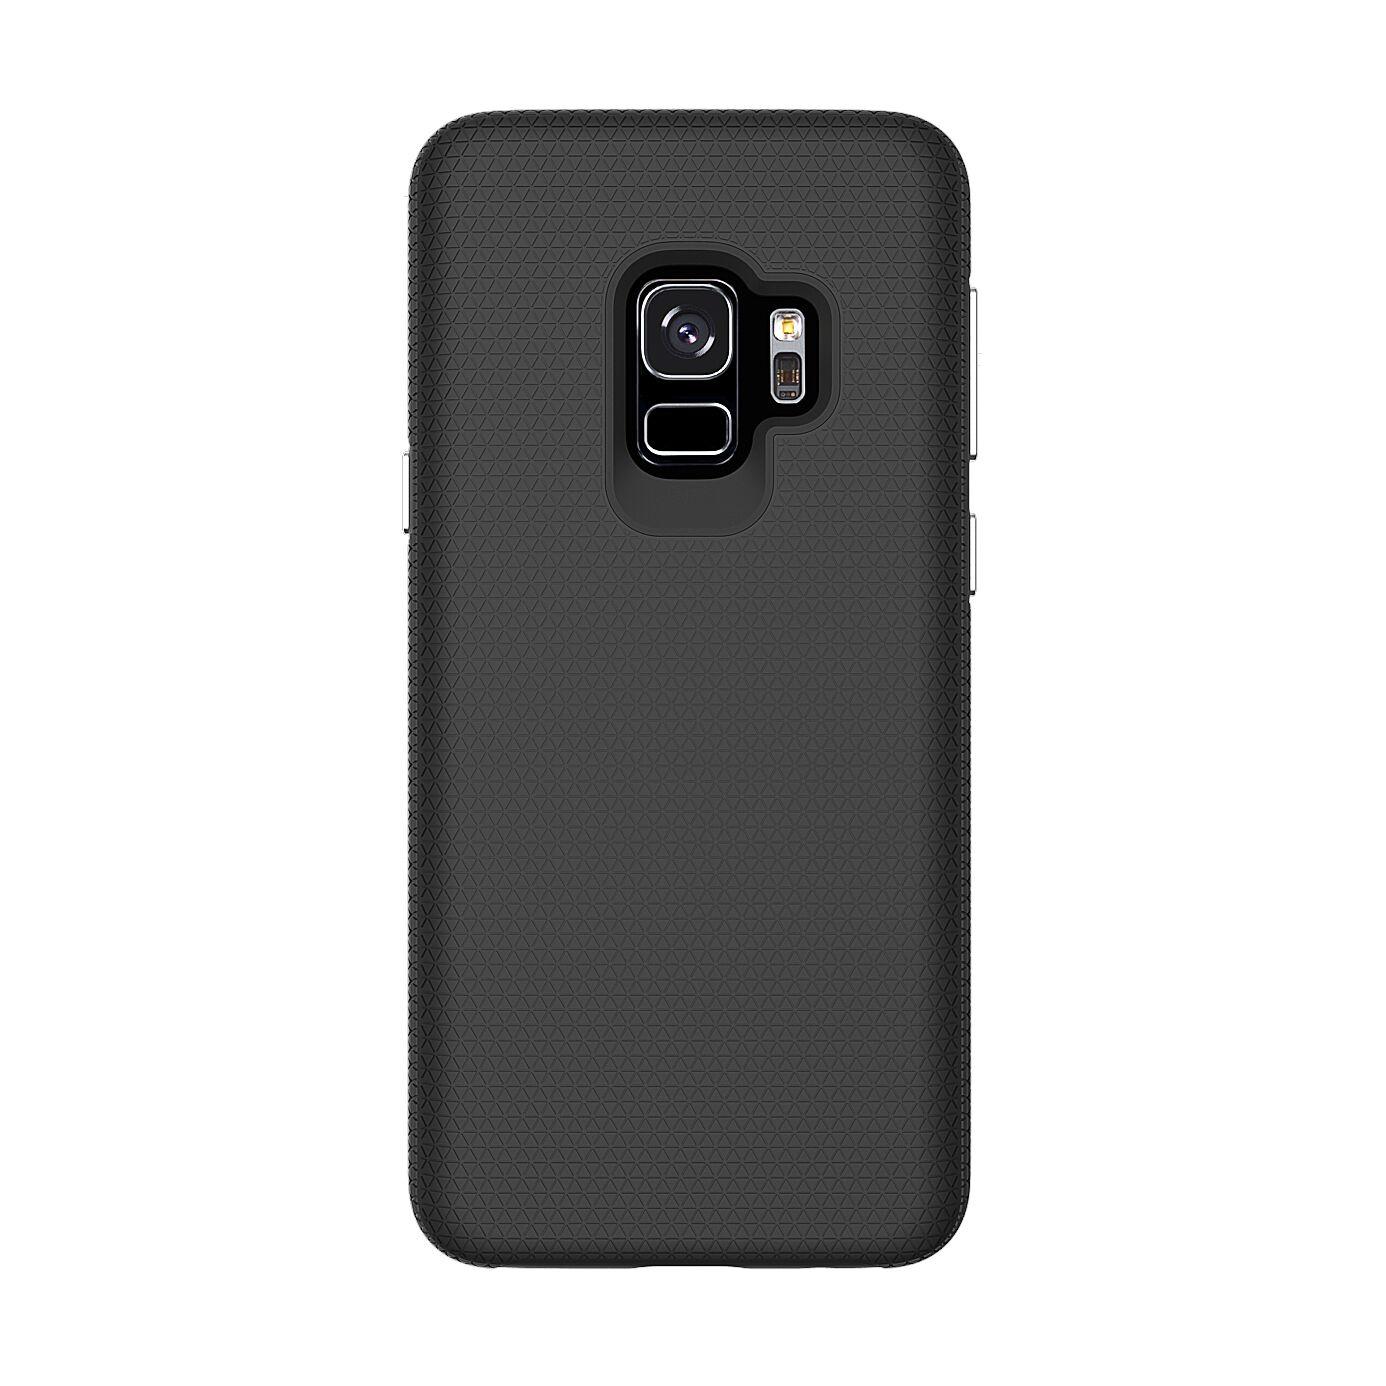 Чехол для сотового телефона TFN Защитный чехол для Samsung Galaxy S9 Черный, черный